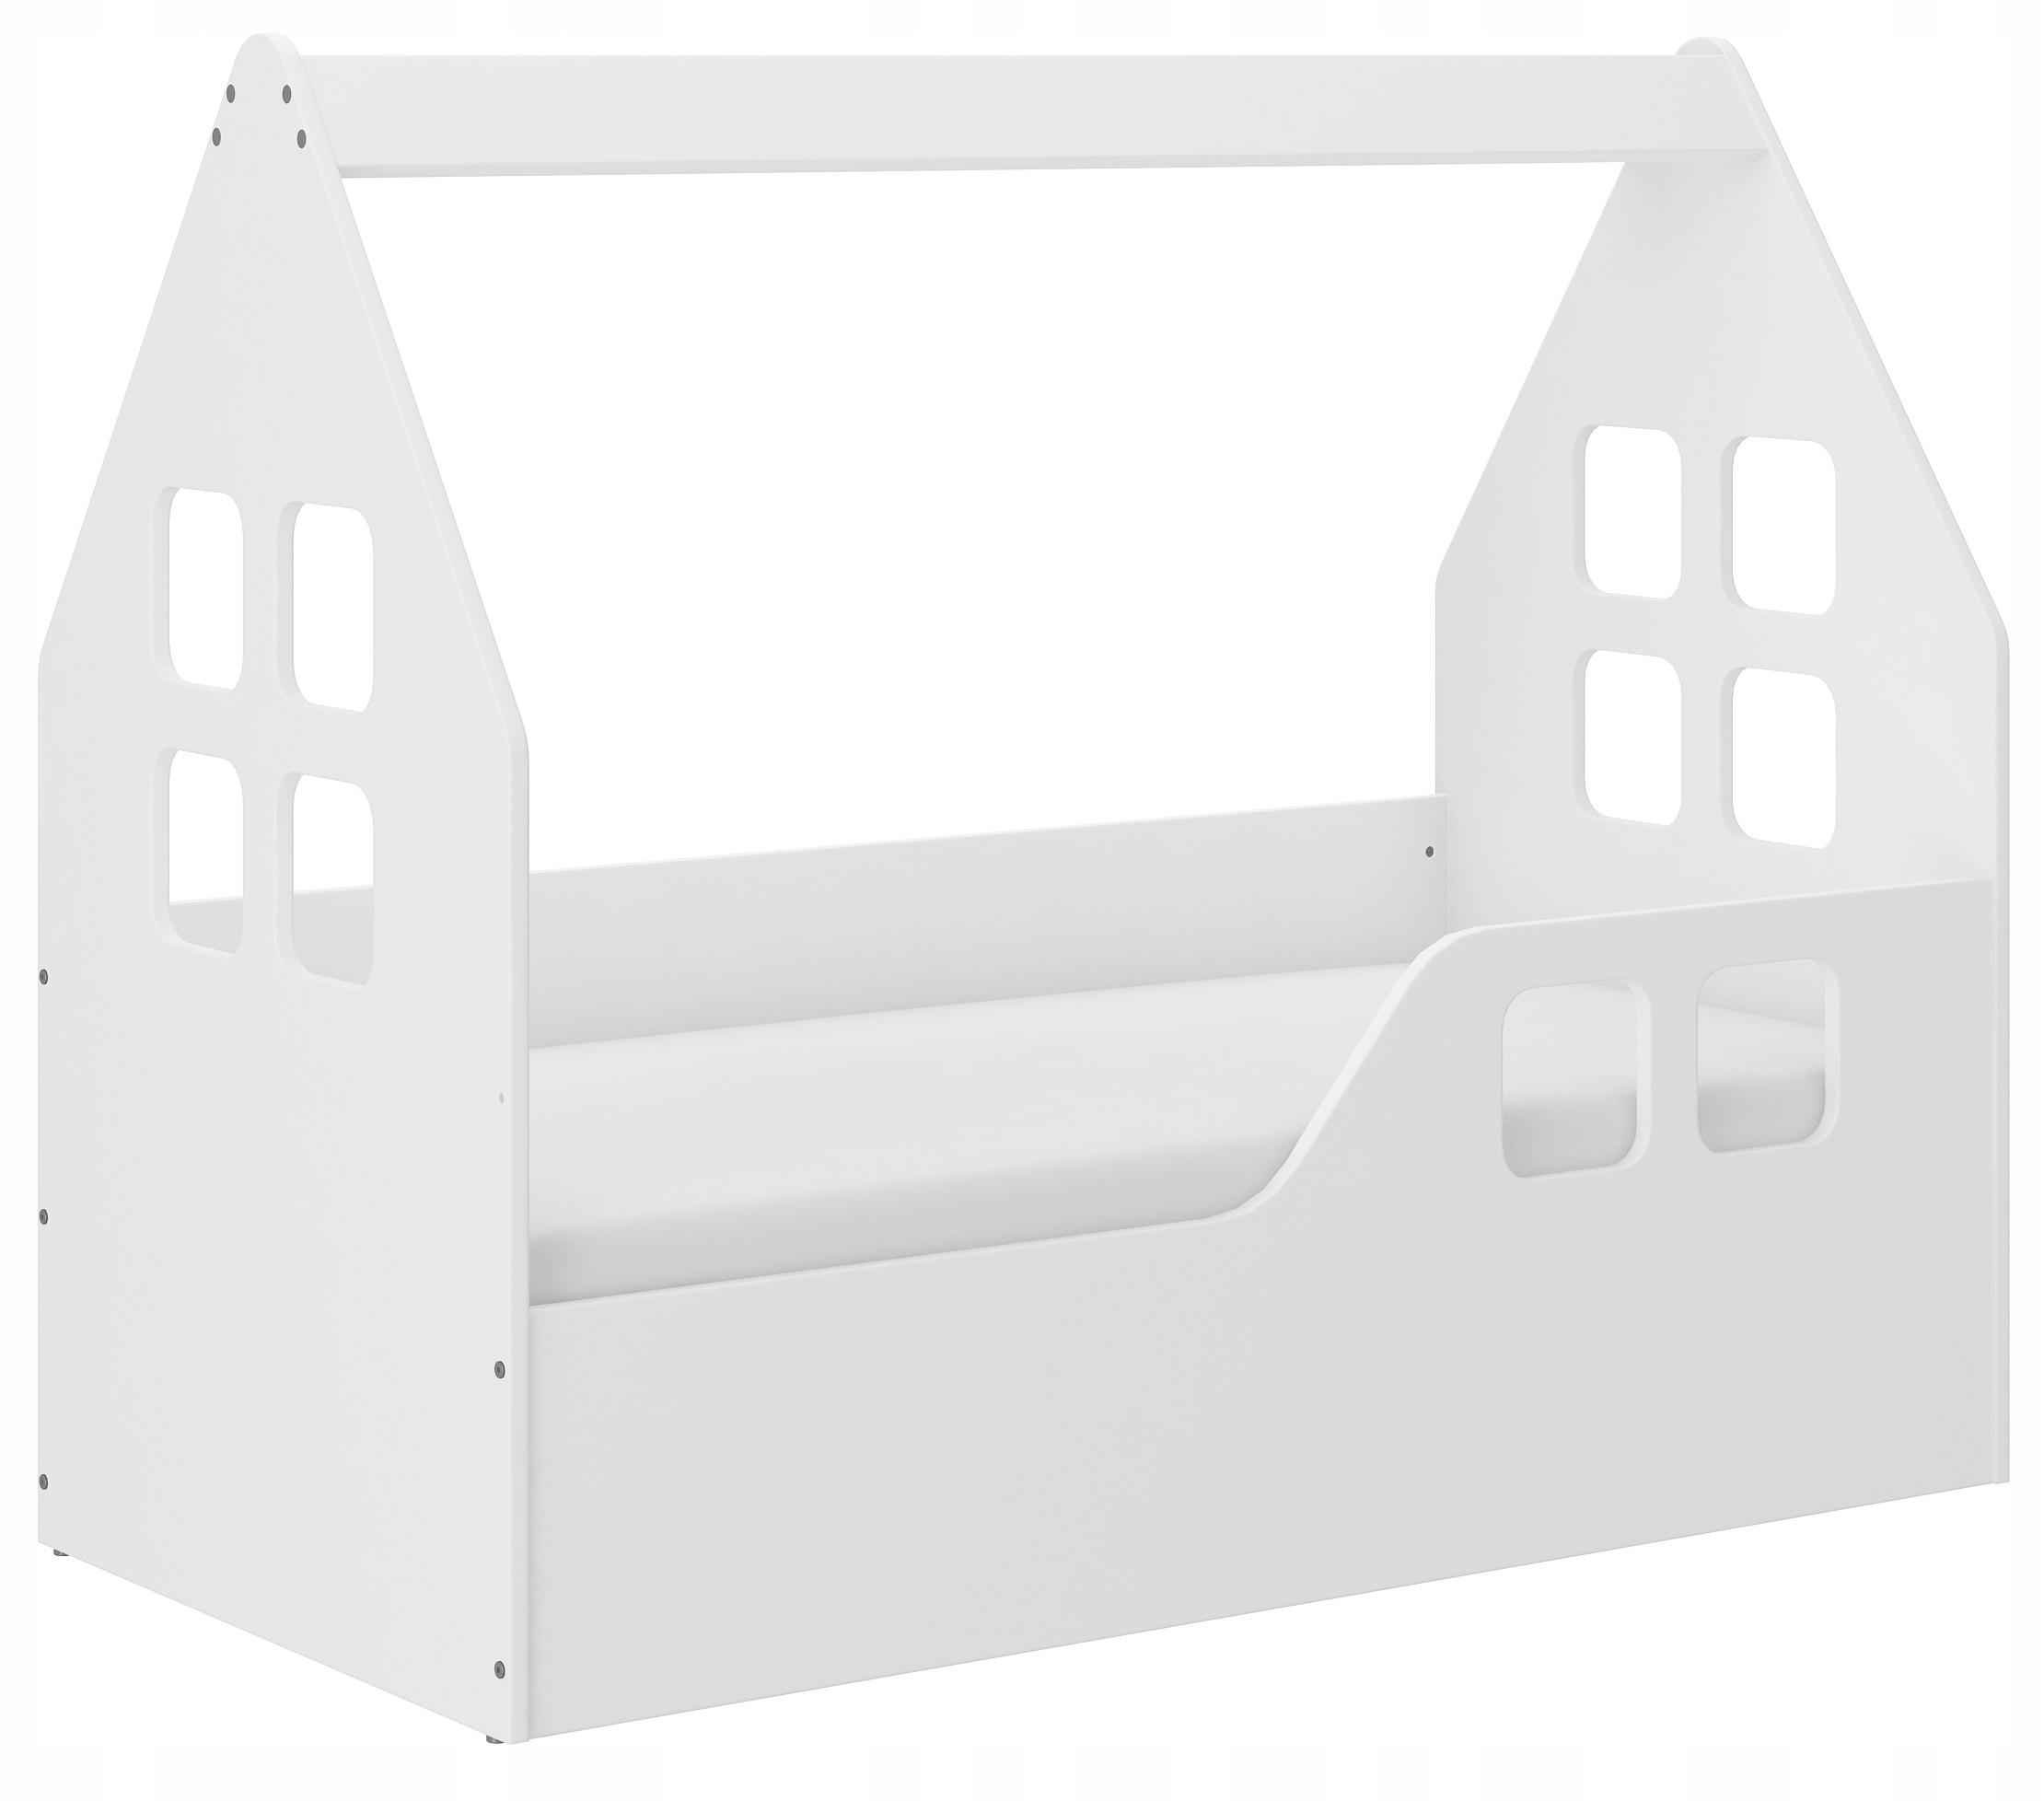 Łóżko dziecięce DOMEK 140x70 + materac + pokrowiec